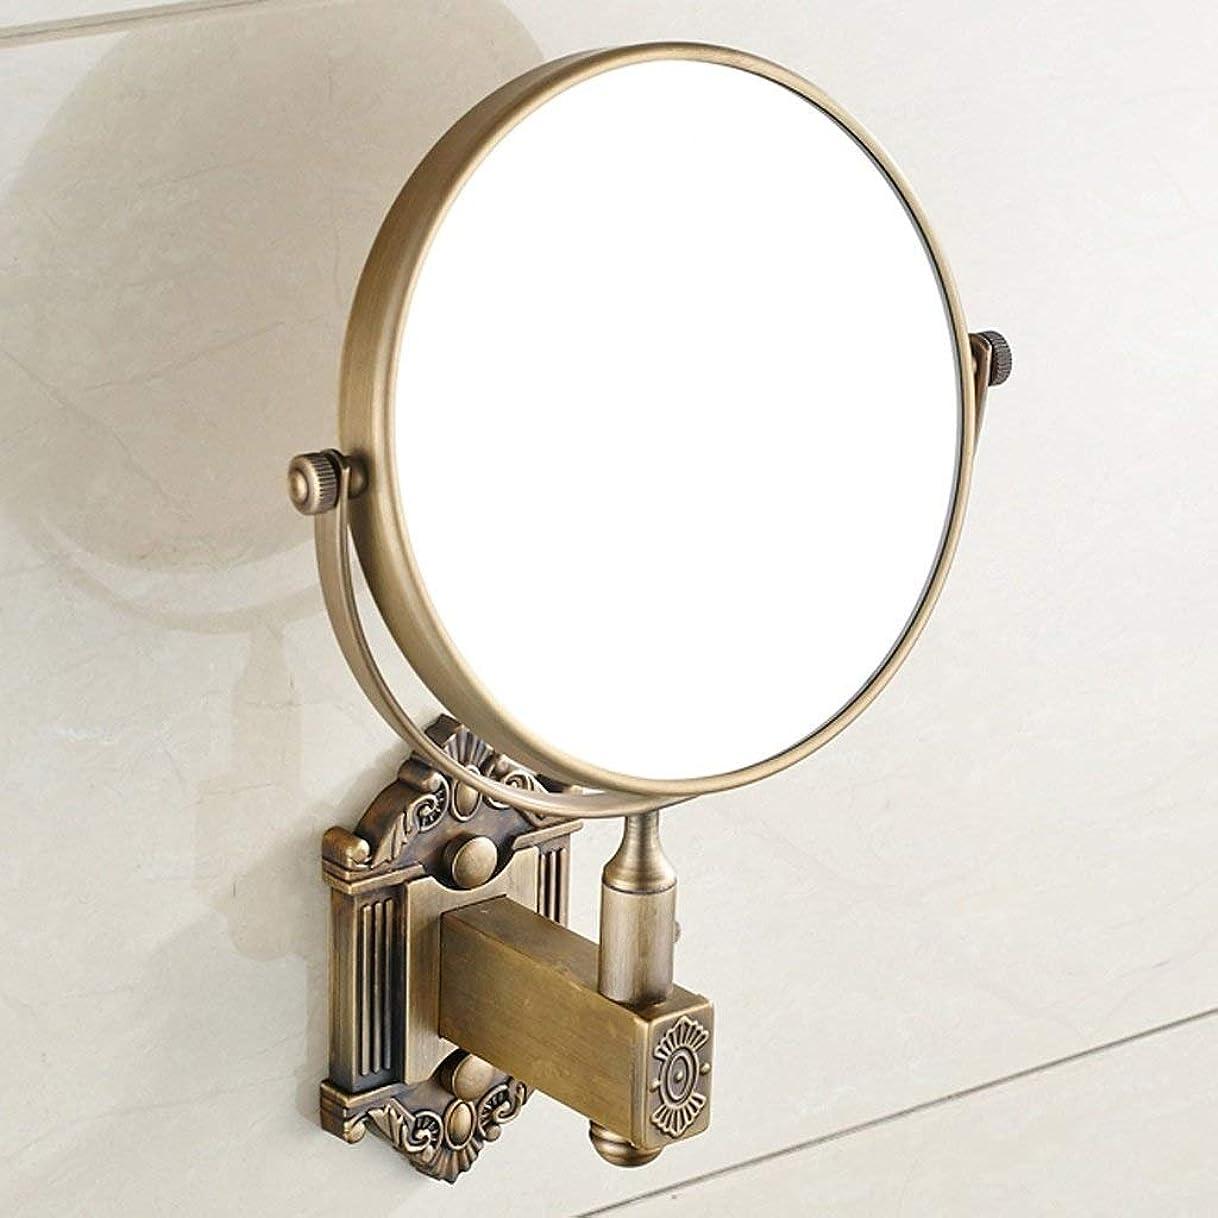 こどもの日辛なモールス信号Selm 壁掛け式化粧鏡浴室折りたたみ伸縮式虫眼鏡HD 360°回転 (Color : Retro Color)